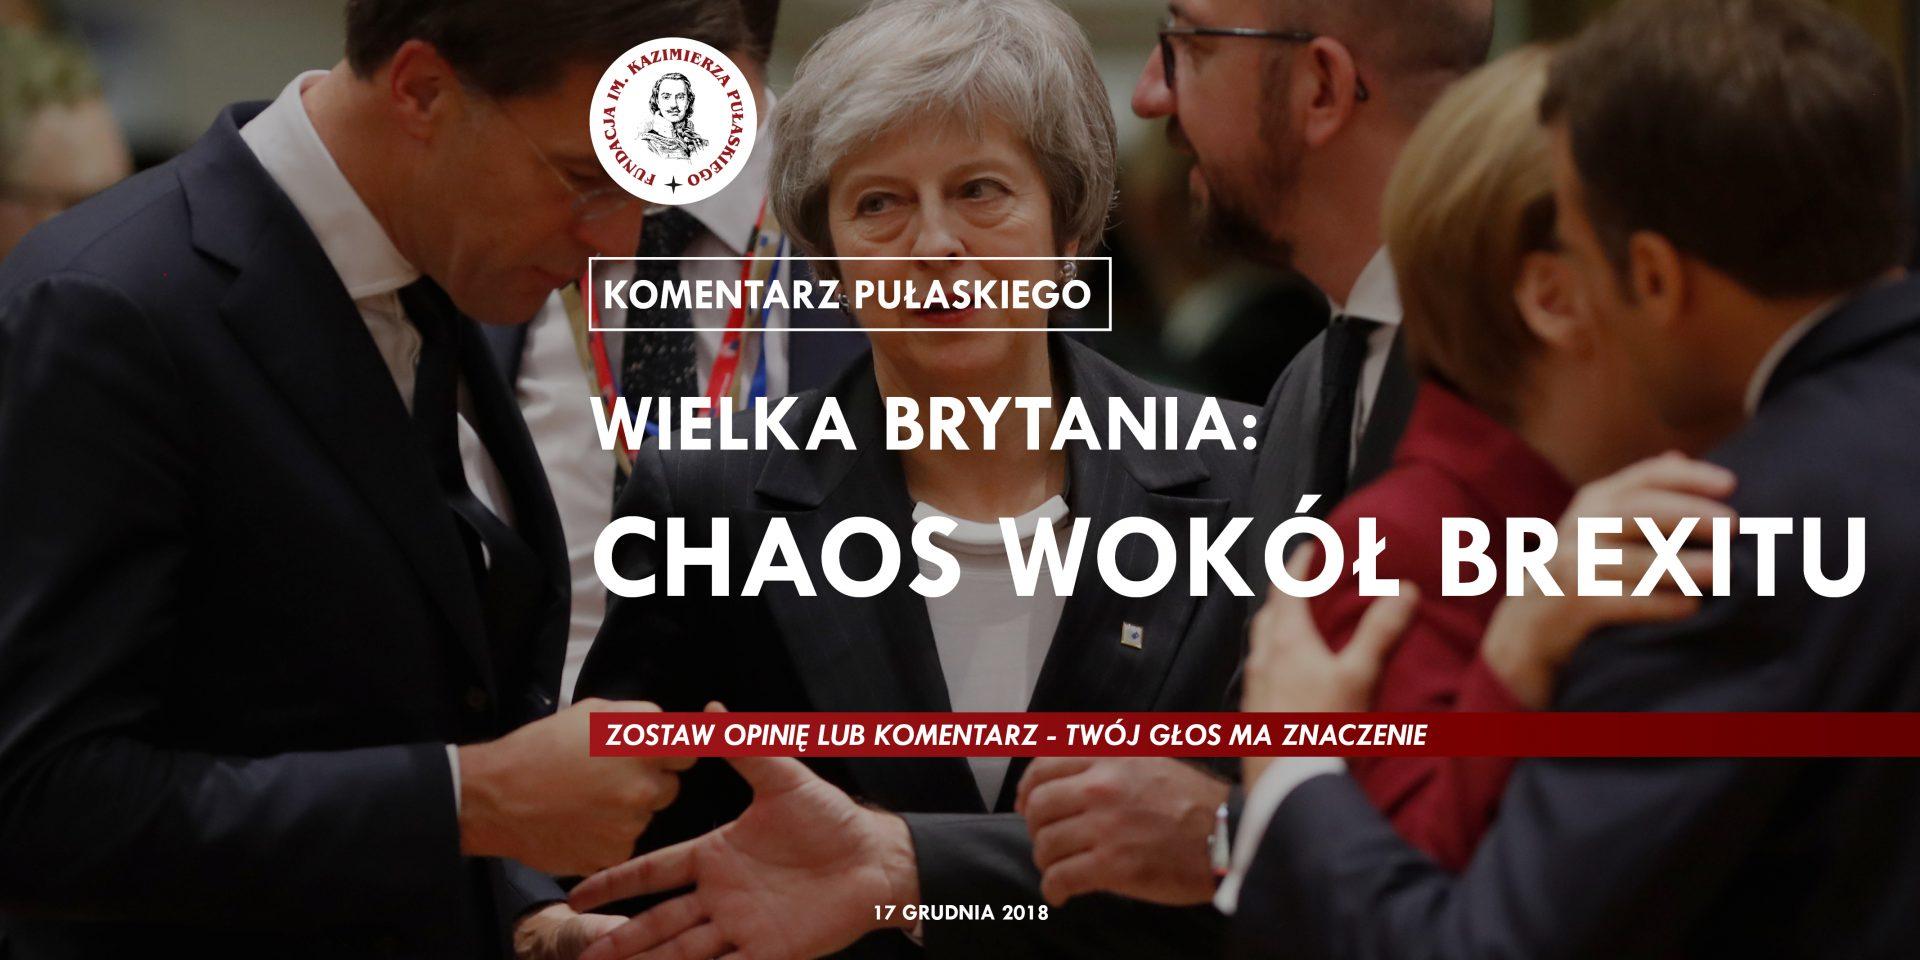 KOMENTARZ PUŁASKIEGO – J. Grzybowska: Wielka Brytania: chaos wokół Brexitu